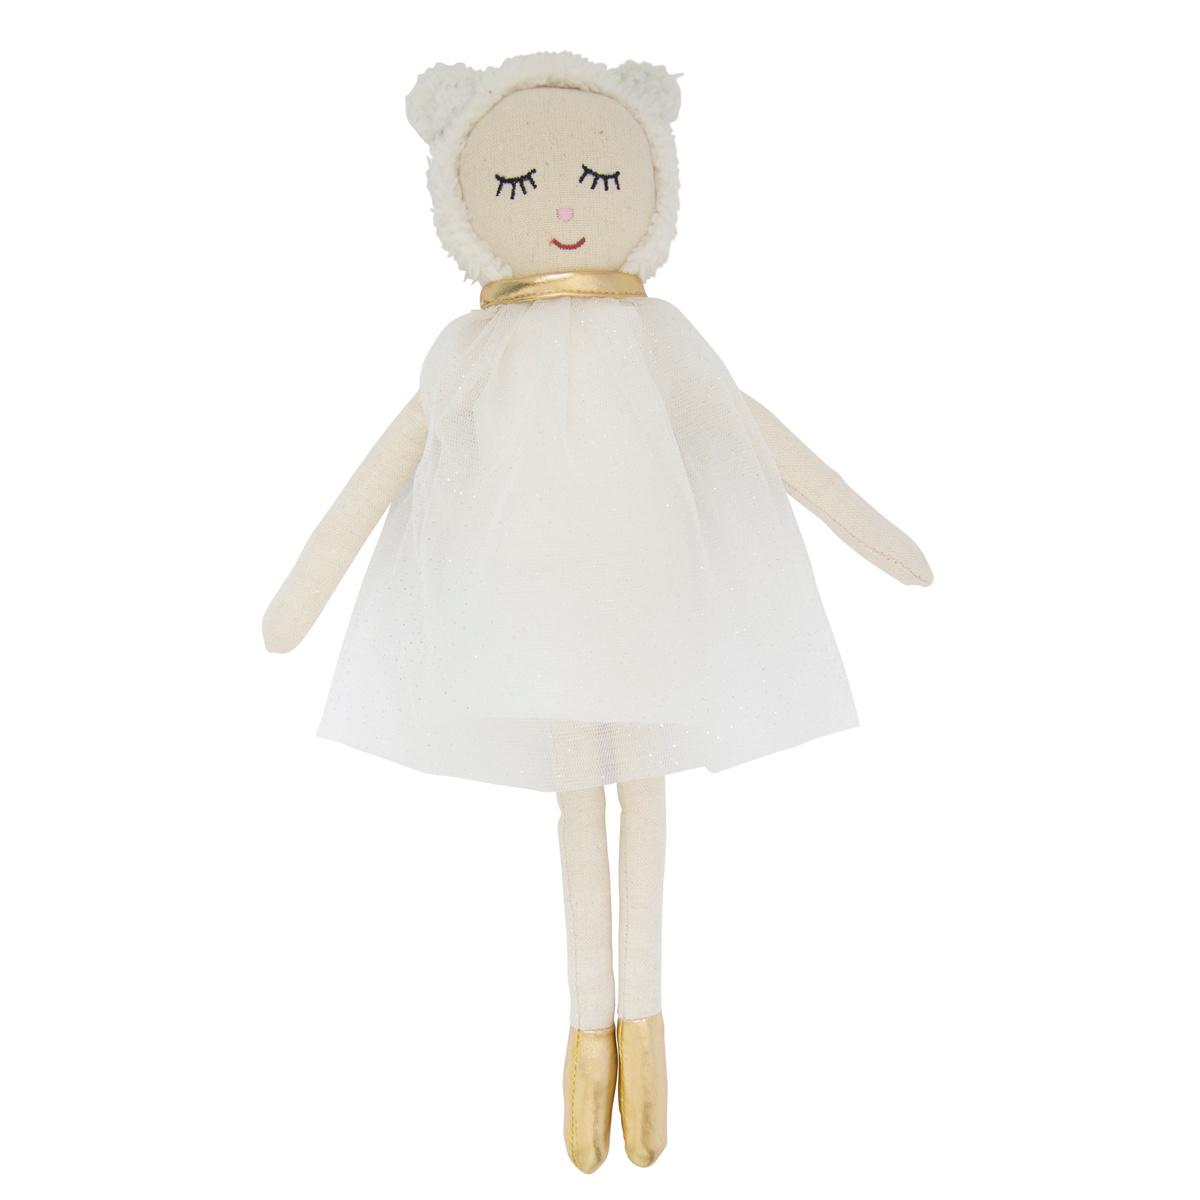 Cuddle toy Dreamy Daisy